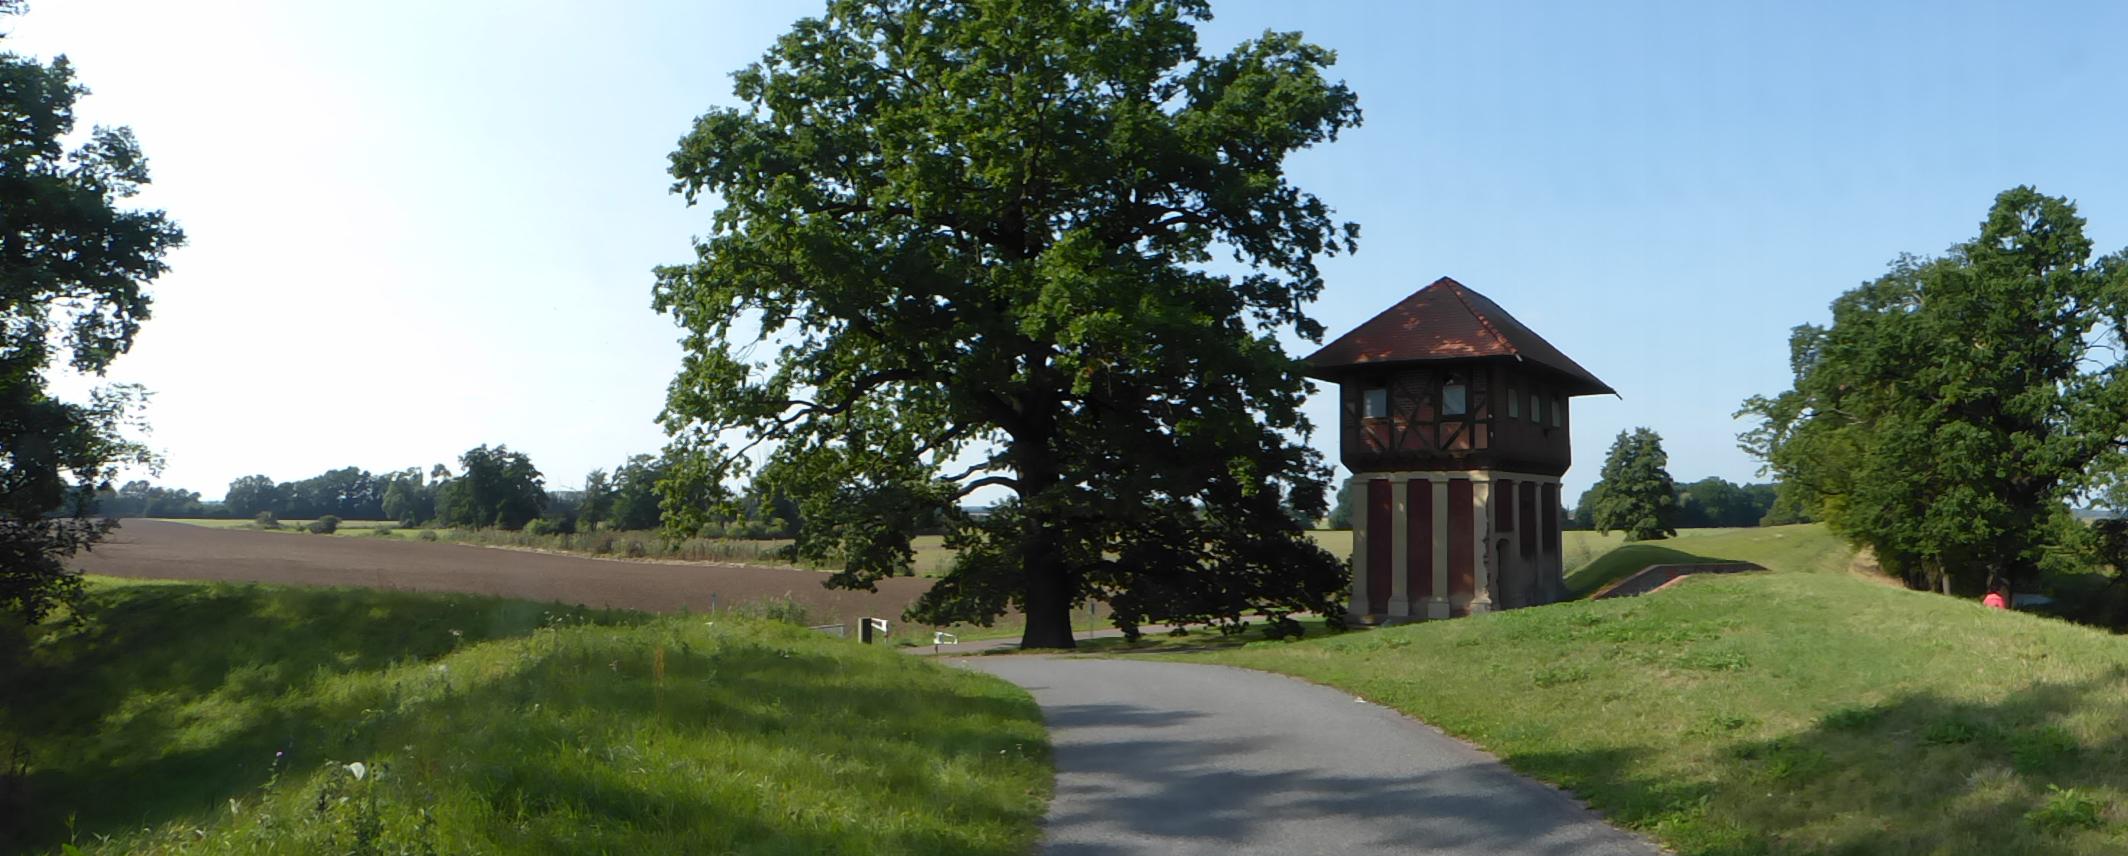 Elberadweg von Wörlitz nach Wittenberg: Limes Wachhaus